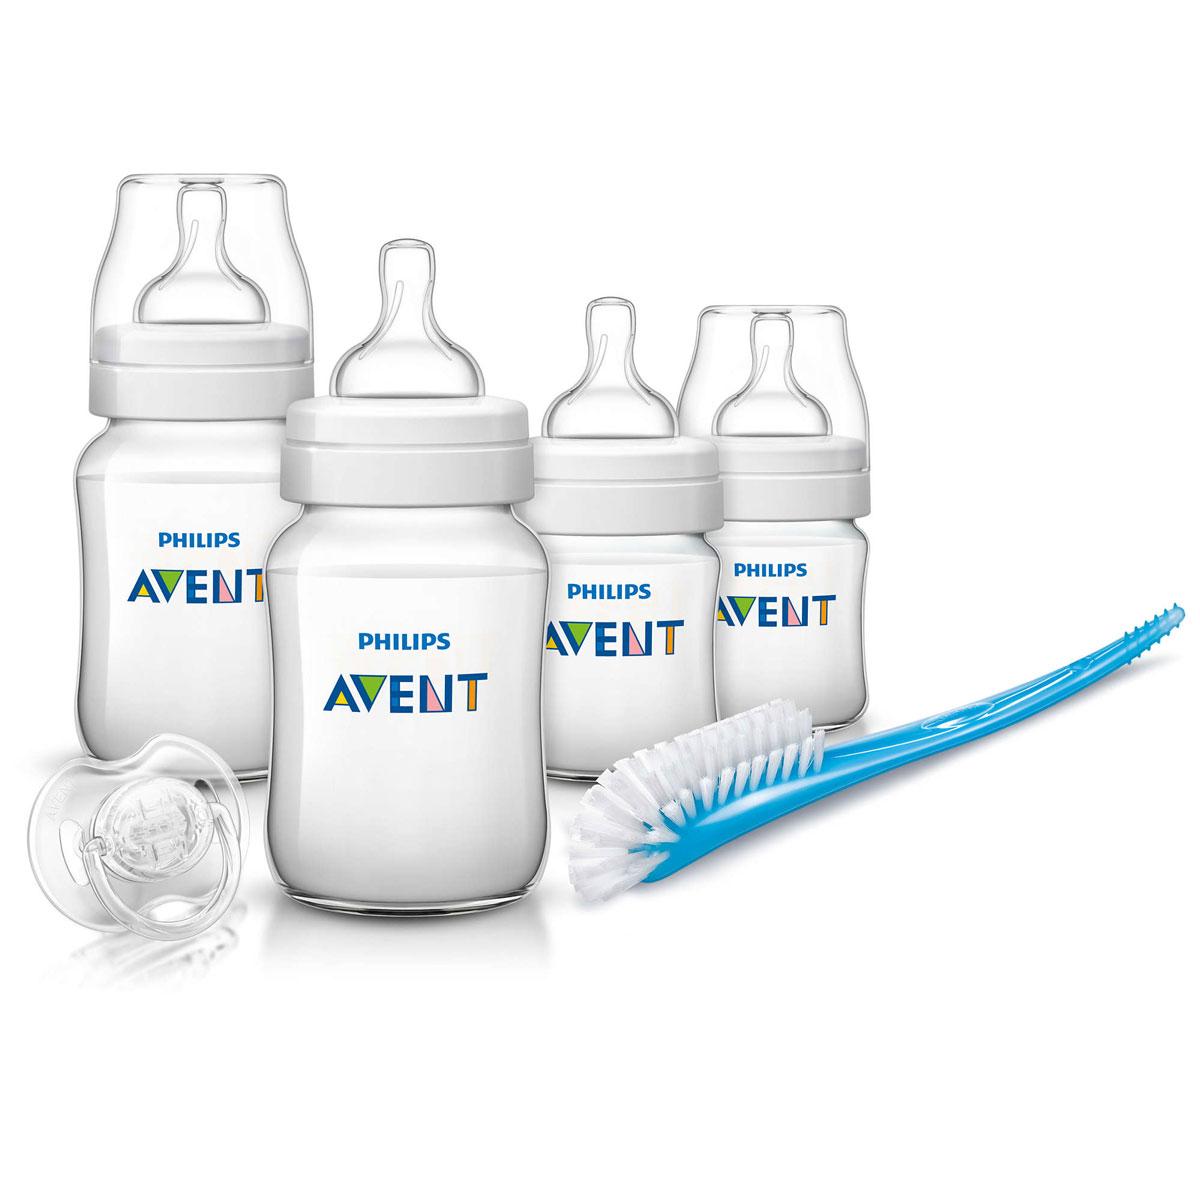 Philips Avent Набор для кормления Classic от 0 месяцев 6 предметовSCD371/00В набор для кормления Philips Avent входят 6 предметов - ершик для бутылочек и сосок, пустышка, 4 бутылочки для кормления.Все компоненты выполнены из качественного и безопасного материала, не содержат бисфенол А. Бутылочки имеют широкое горлышко, эргономичный дизайн и антиколиковую систему, эффективность которой клинически доказана.Ершик для бутылочек и сосок станет незаменимым атрибутом ухода за детскими бутылочками. Ершик имеет особую изогнутую форму и литую ручку, поэтому с ее помощью можно чистить бутылочки и соски любых типов, а также другие принадлежности для кормления.Силиконовая пустышка сгибается в соответствии с ритмом кормления.